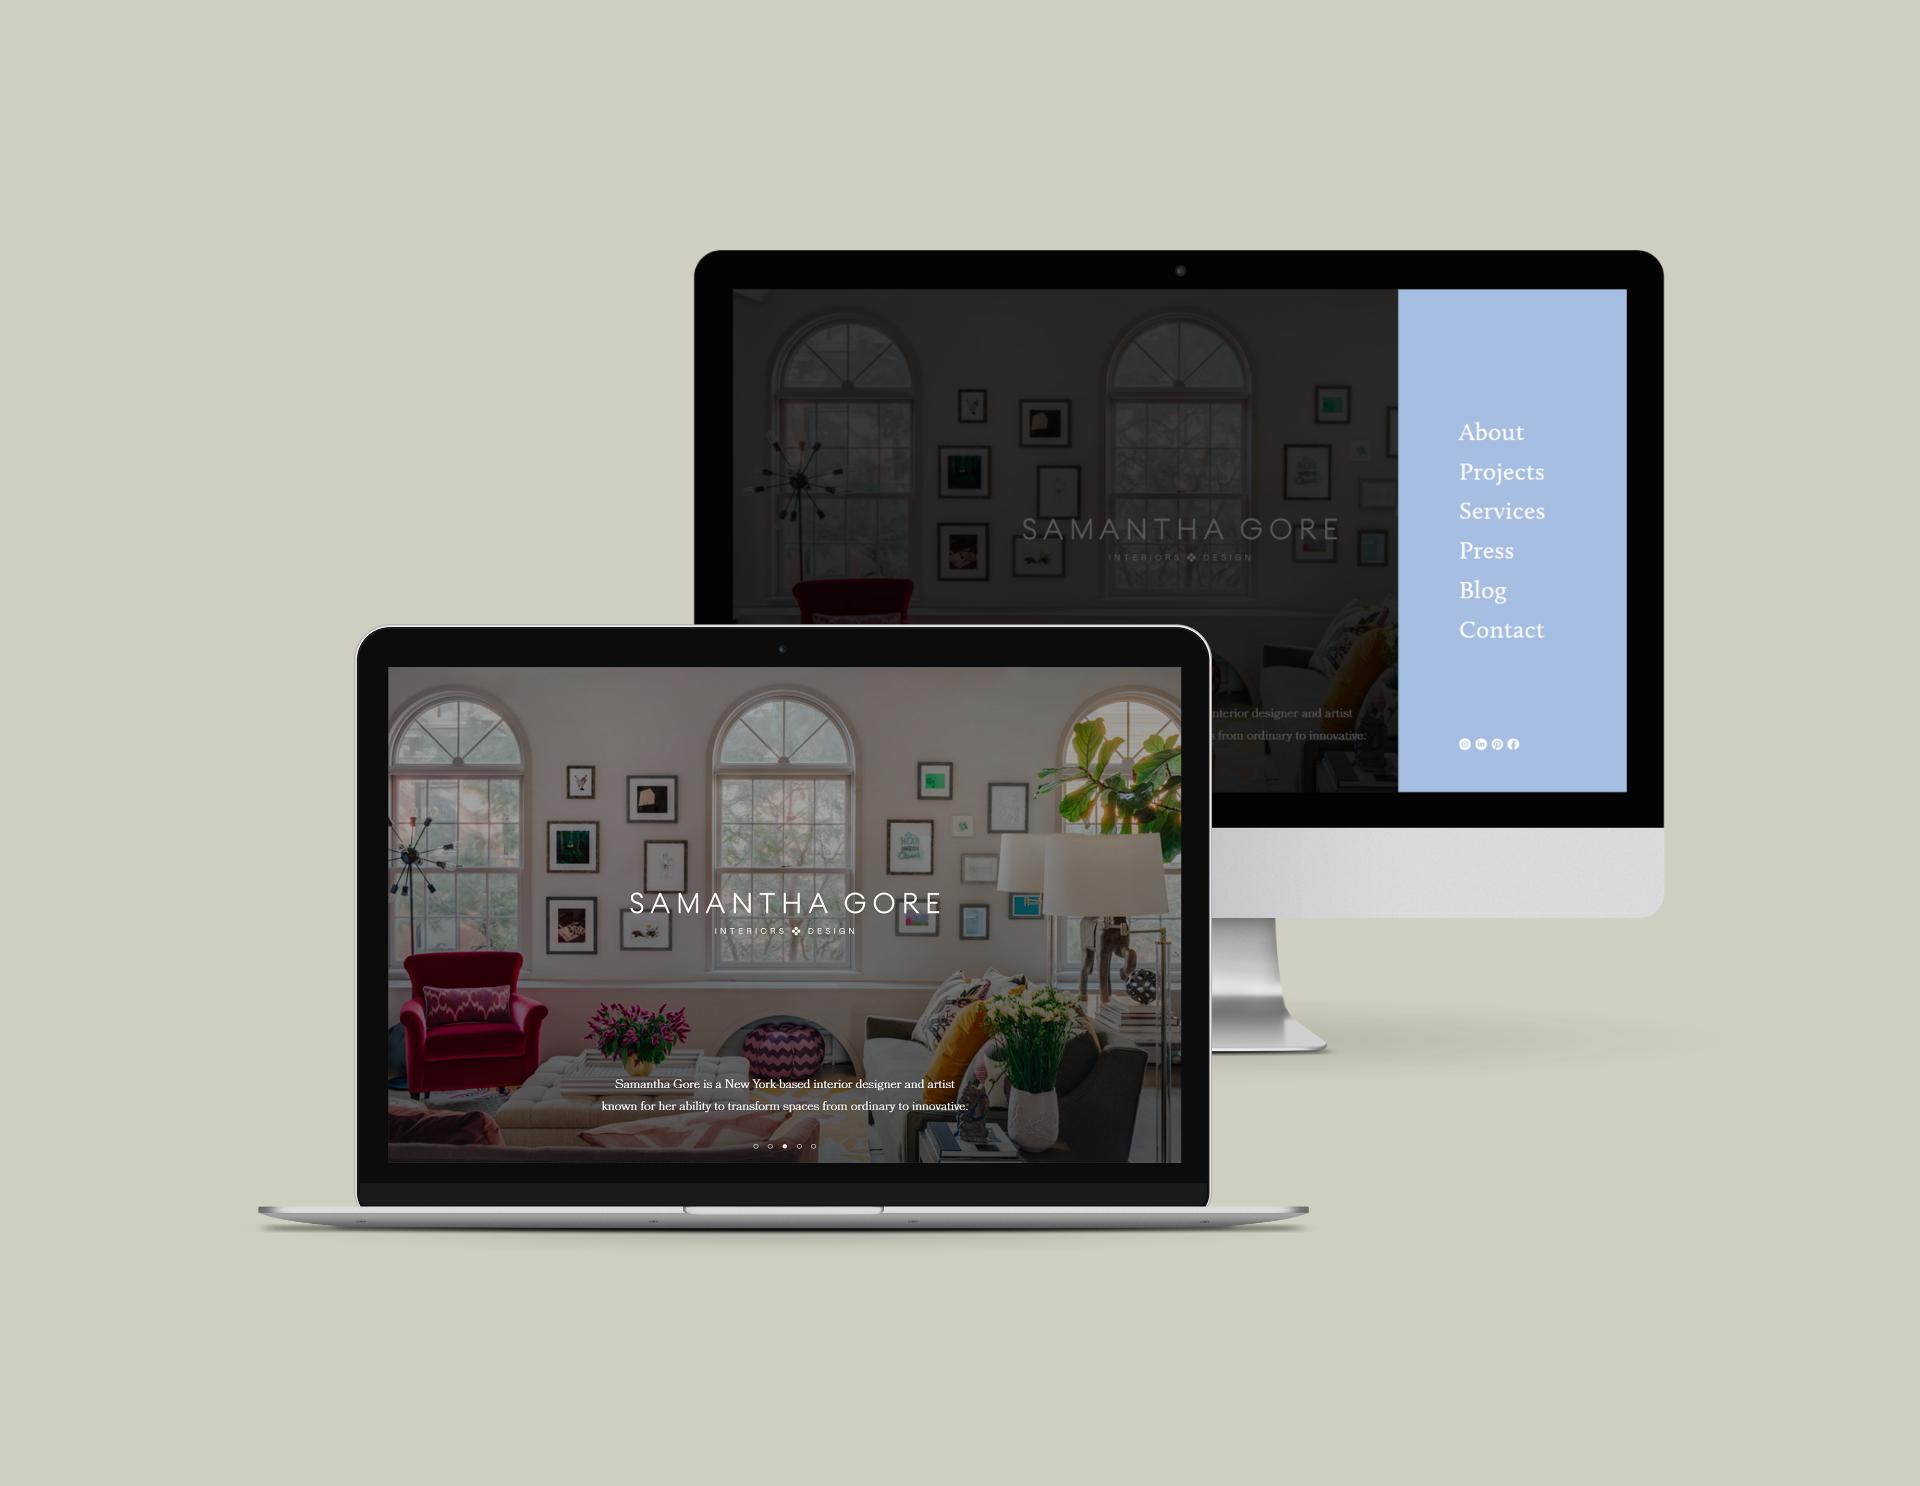 Samantha Gore Designs Website on Desktop